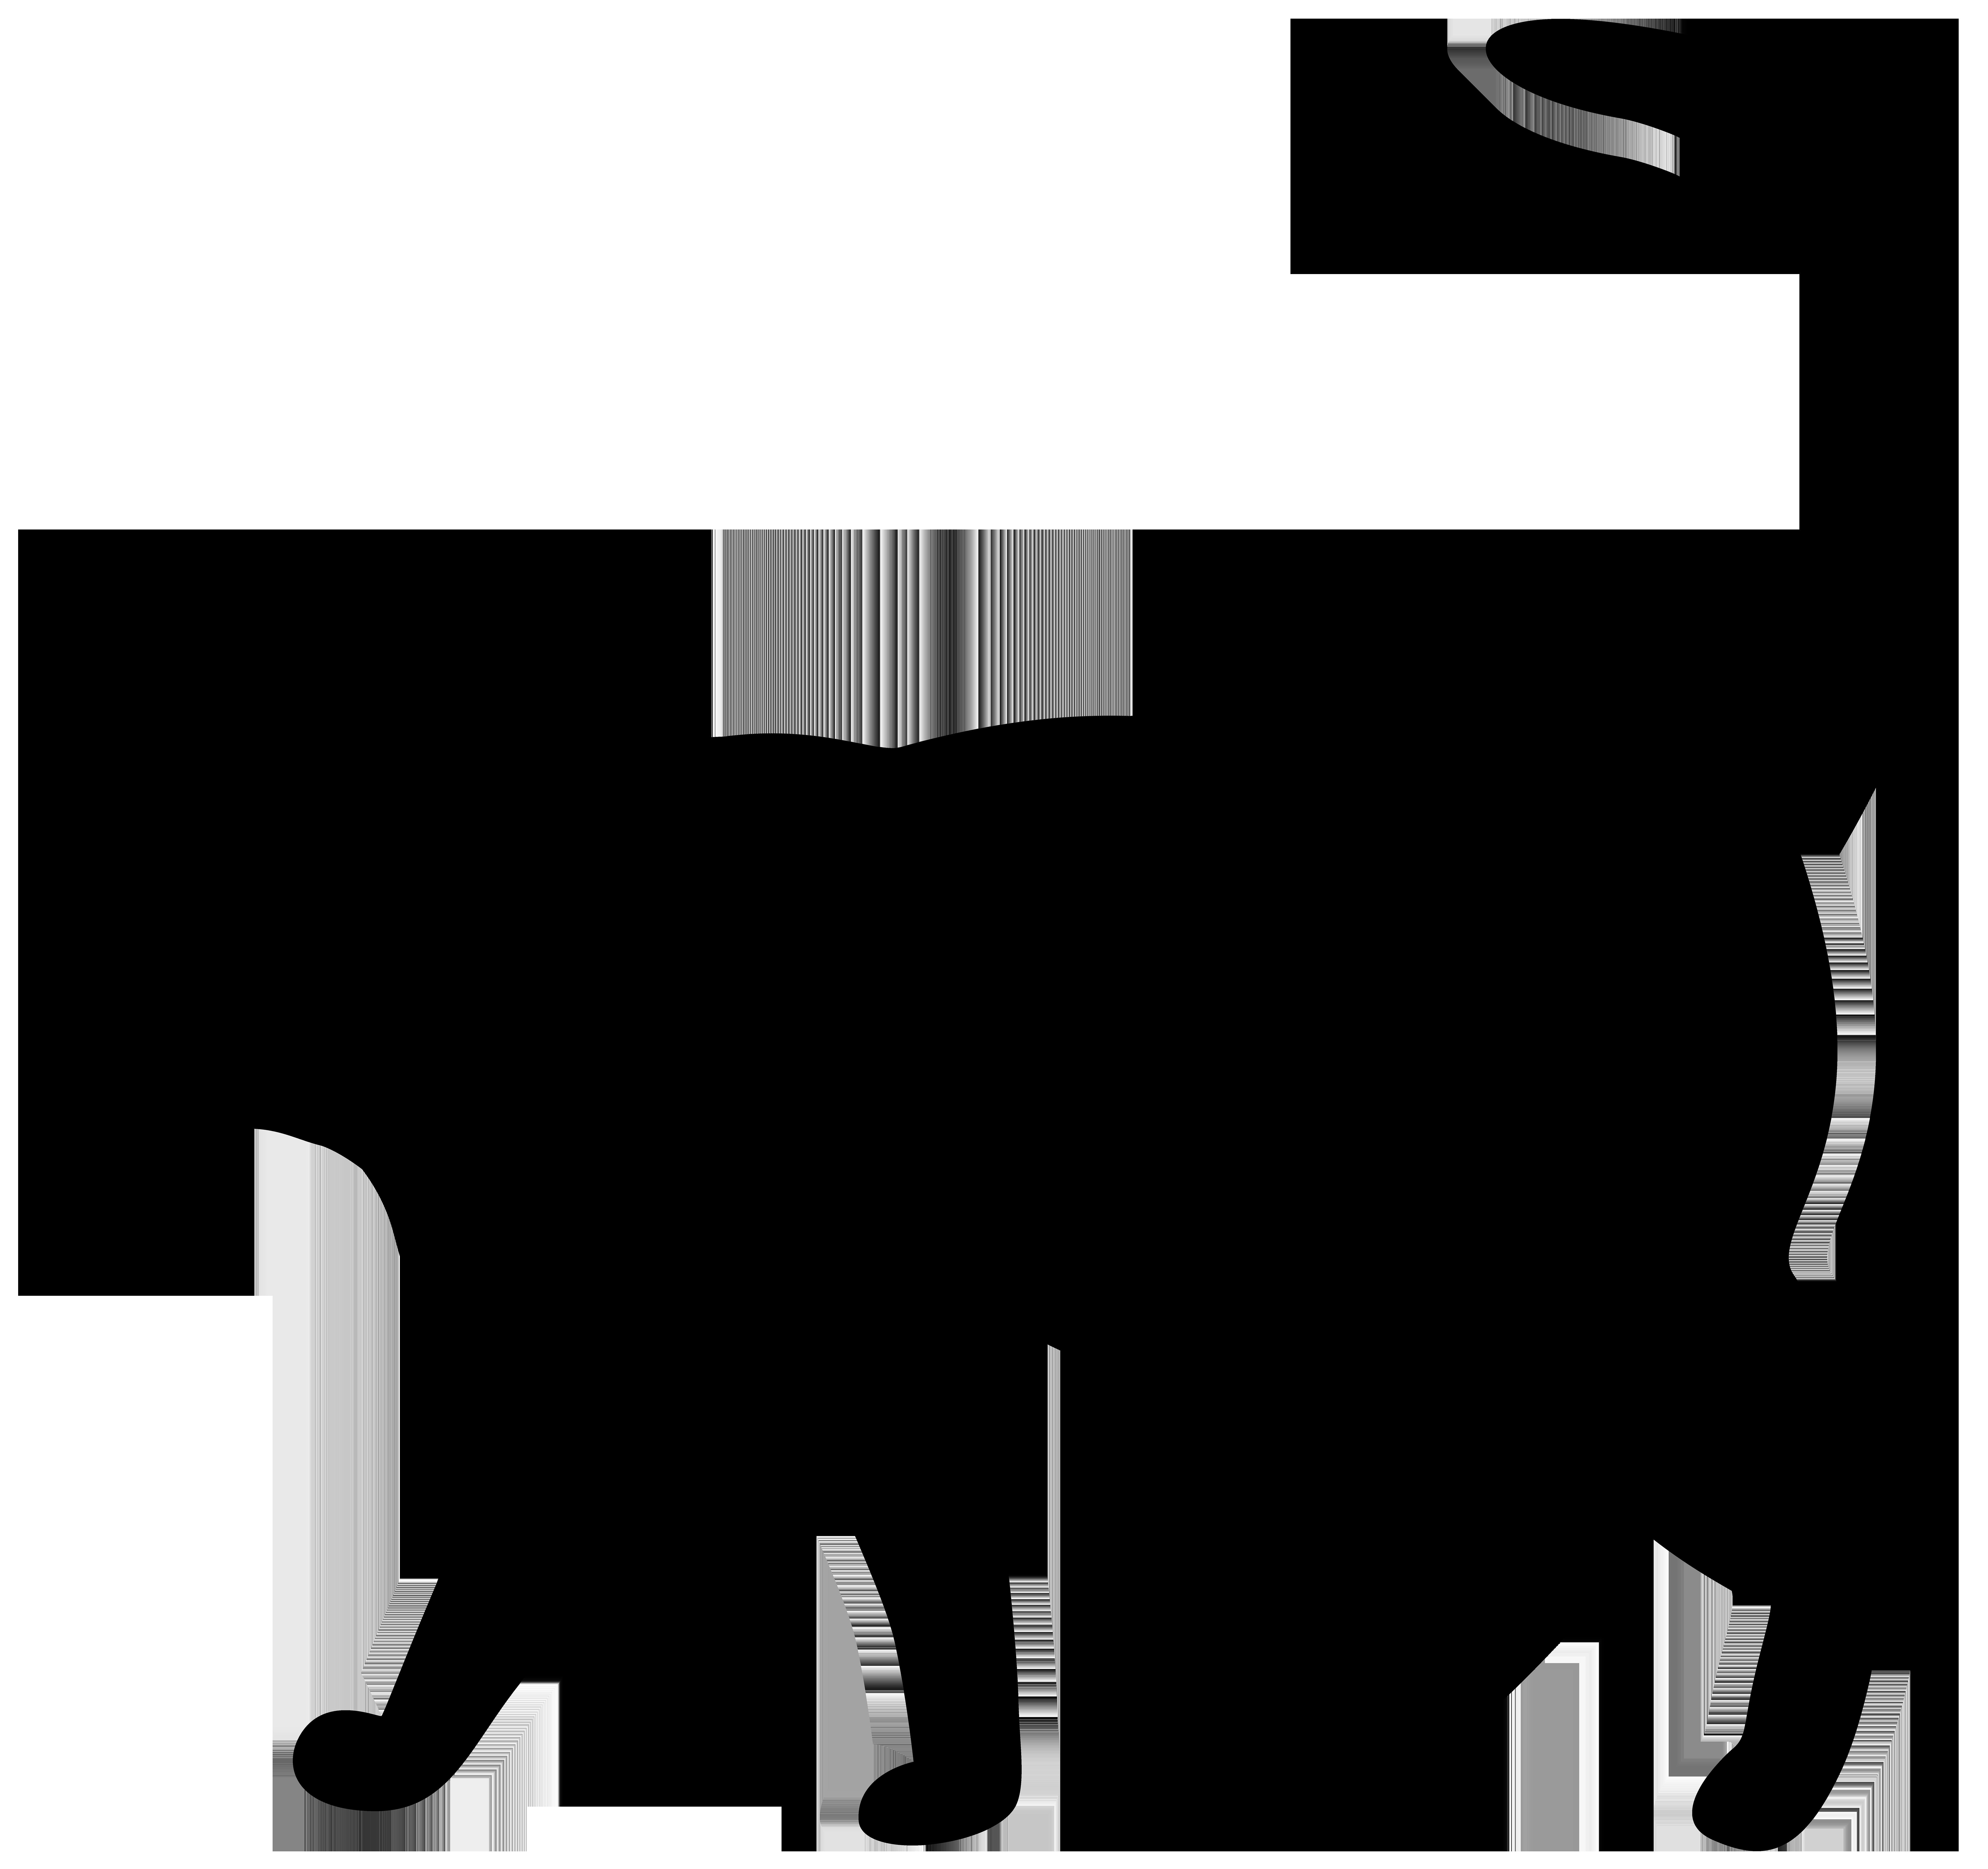 medium resolution of 8000x7522 black cat clipart transparent